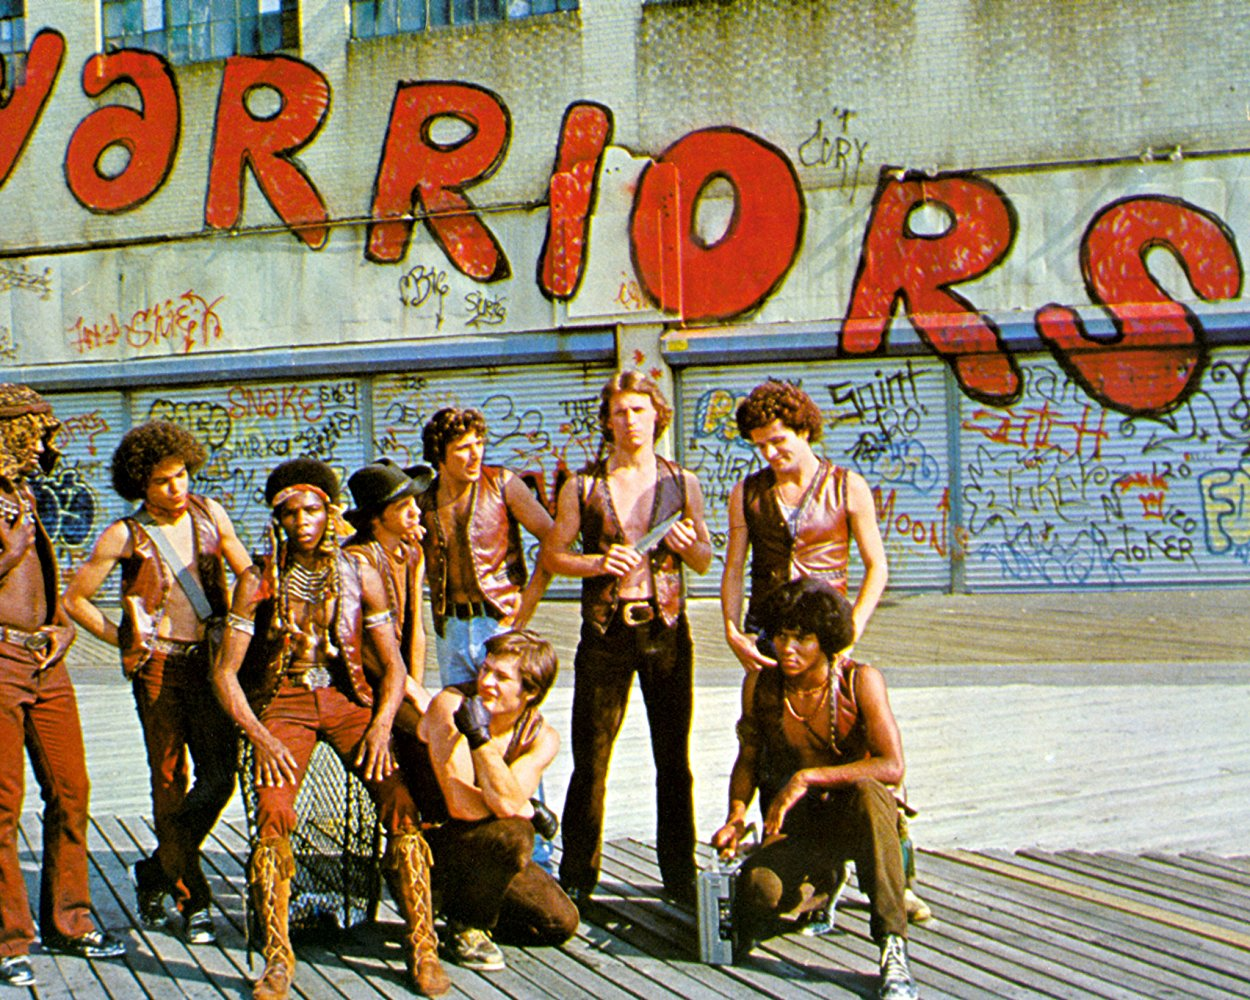 Robert De Niro y Tony Danza recibieron propuestas para interpretar a los personajes principales pero ambos optaron por declinar la oferta